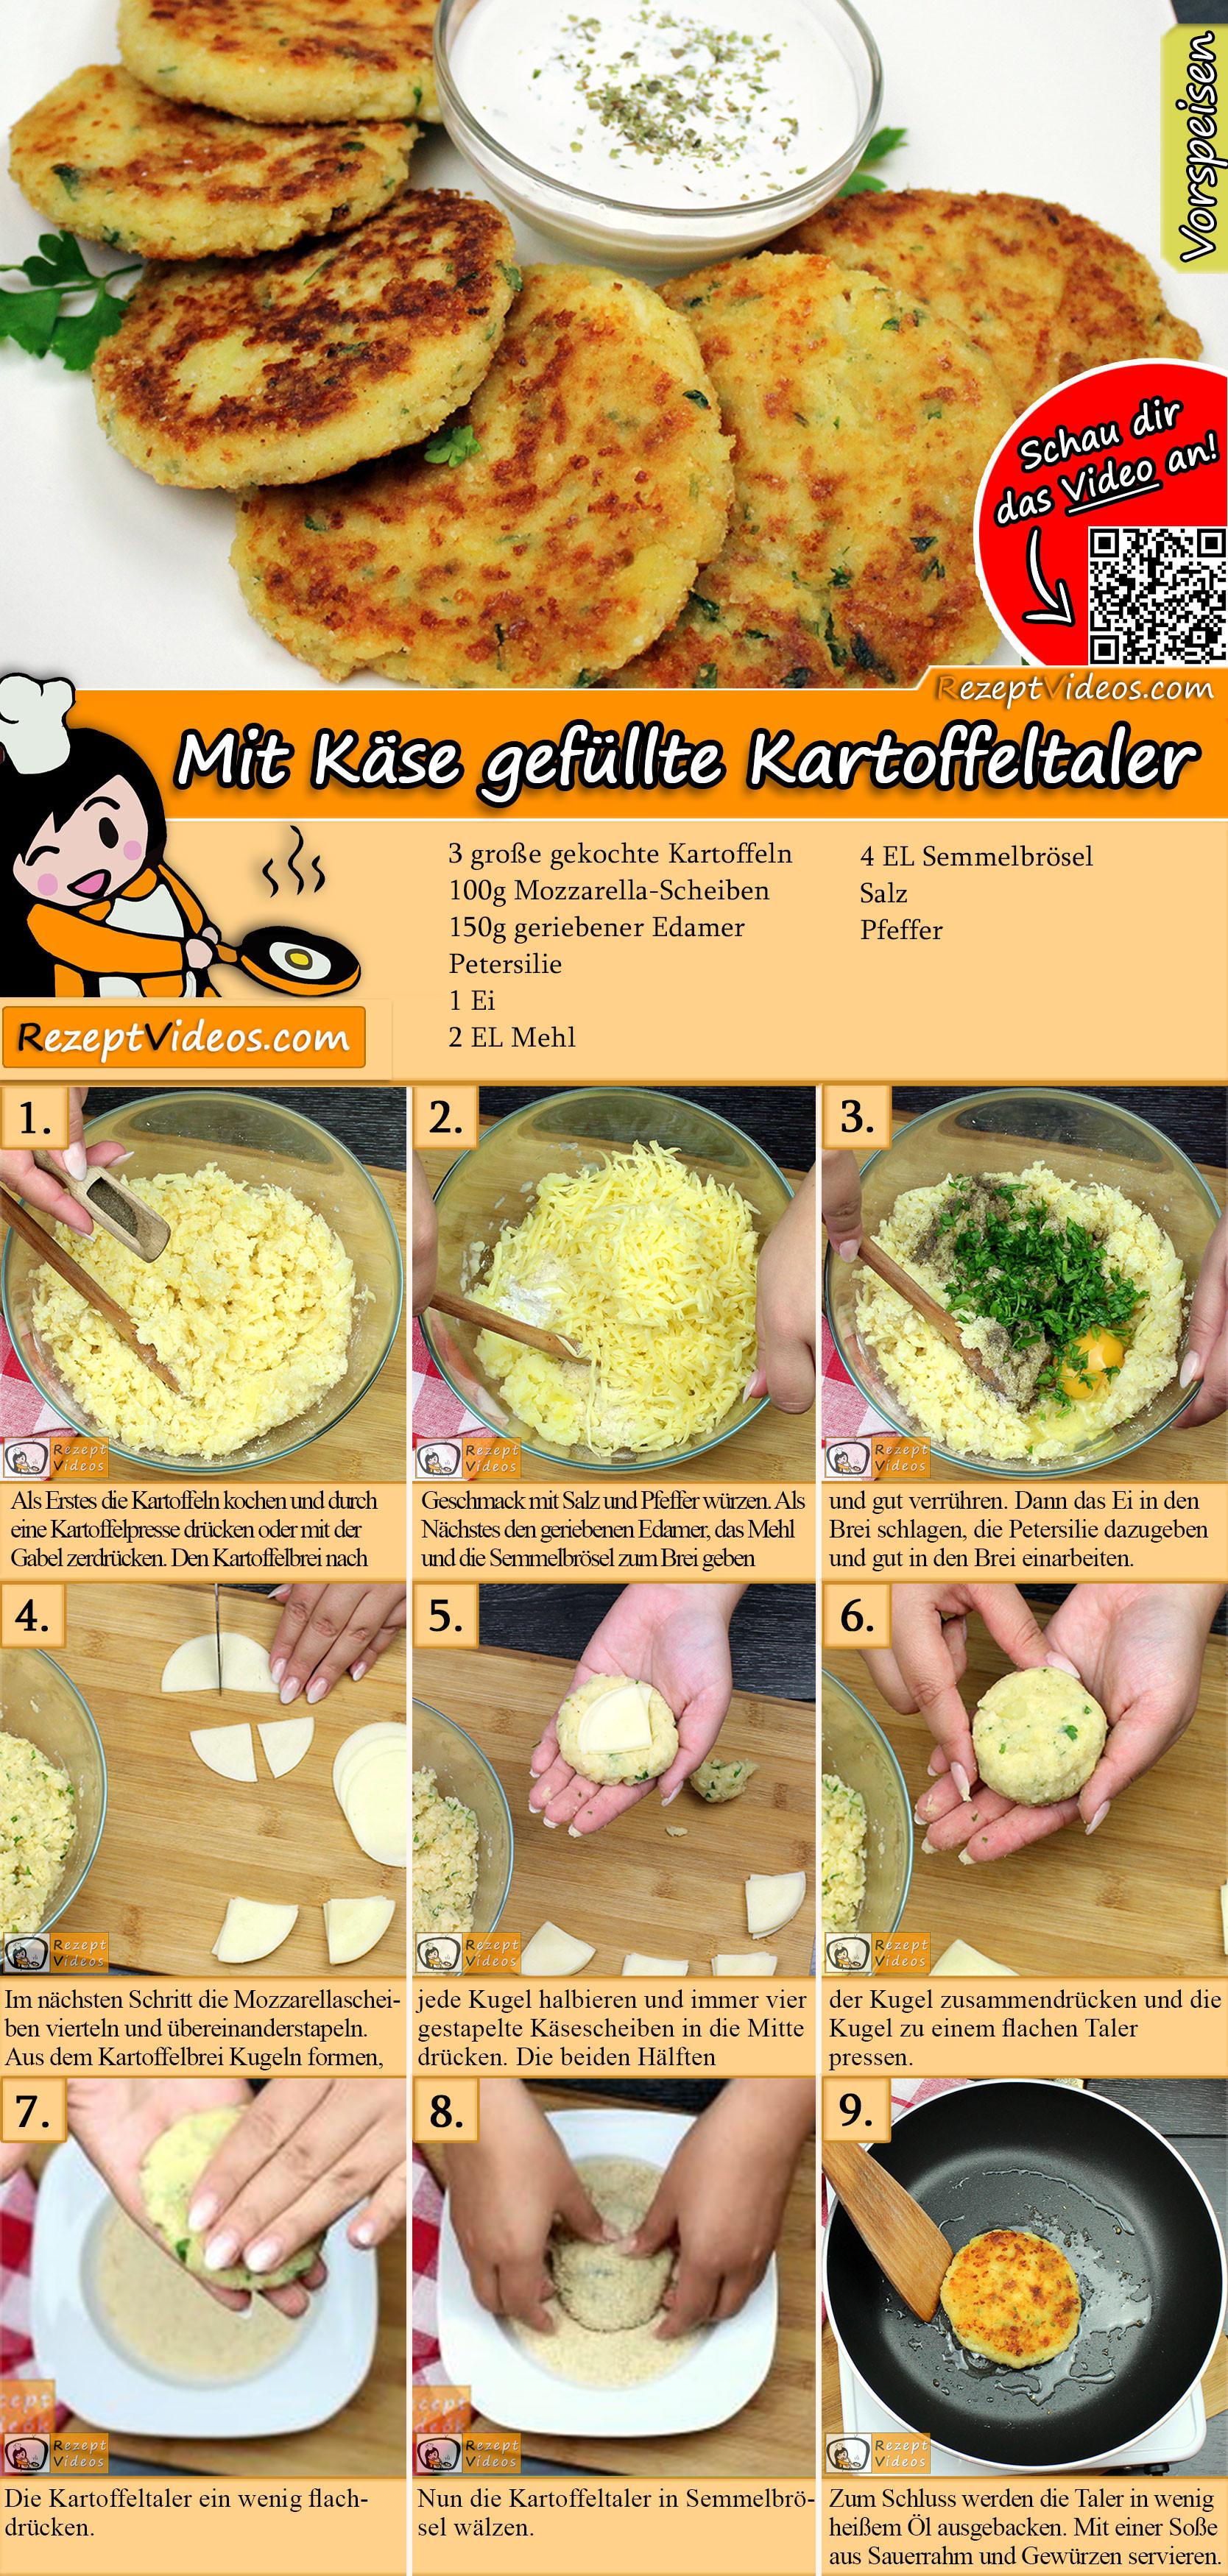 Mit Käse gefüllte Kartoffeltaler Rezept mit Video